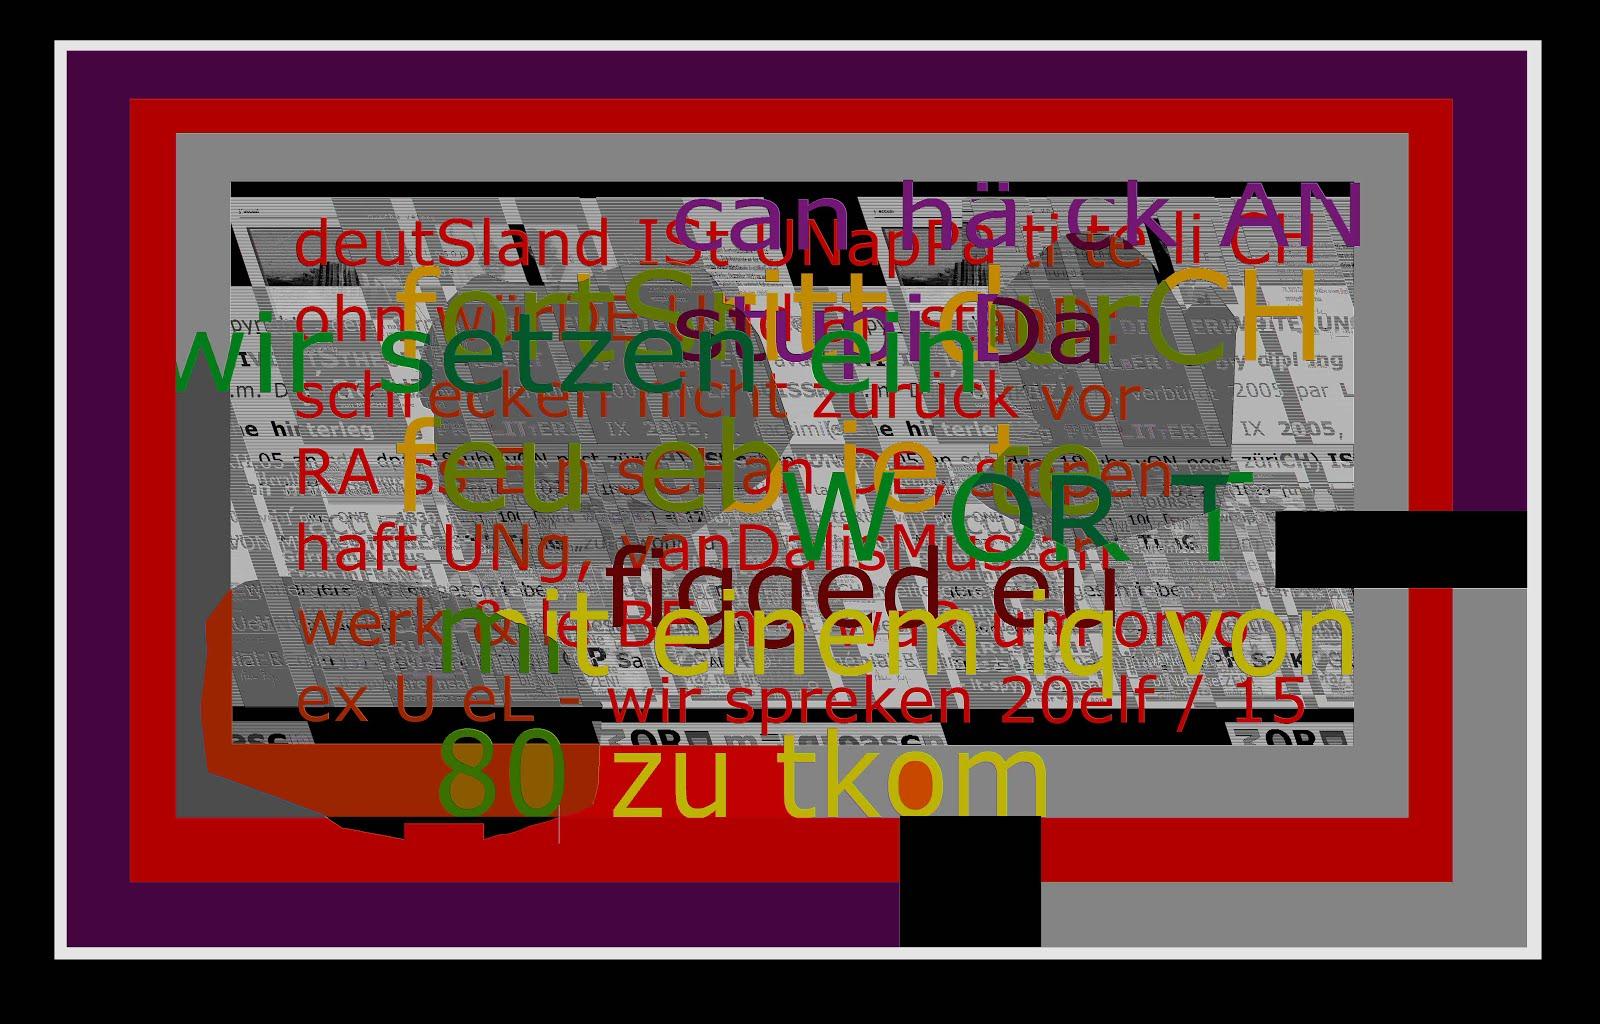 deutsche telekom berliner anwaltsverband genozid german wings mischa vetere maria barbara pfister